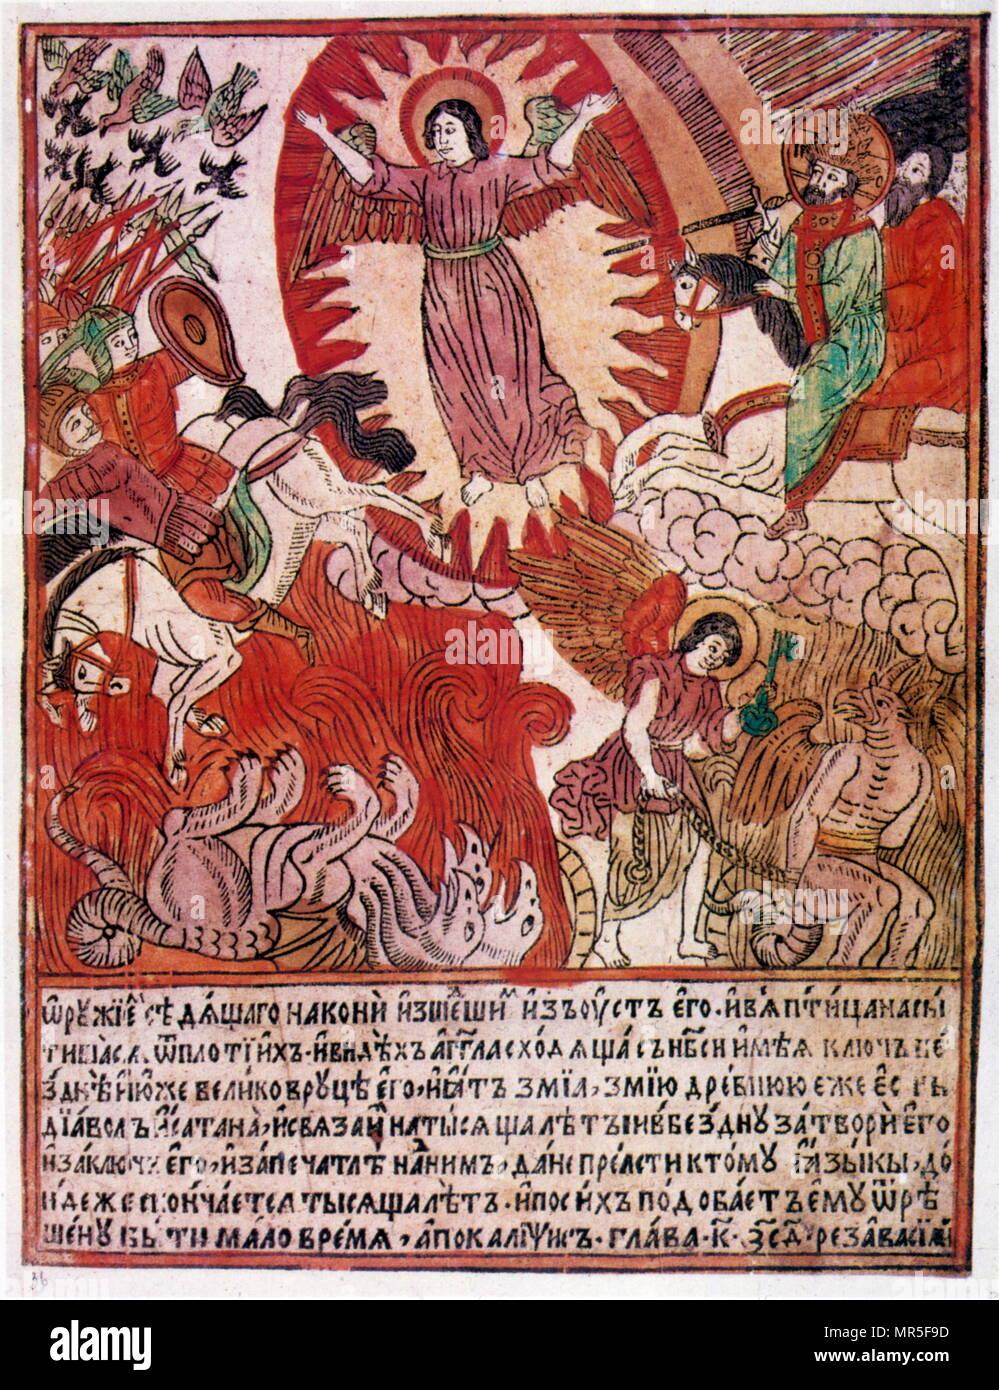 Der Antichrist von Wassili Koren, Ukrainische, russische Künstler der religiösen Drucke und Holzschnitte. 1668 Stockbild